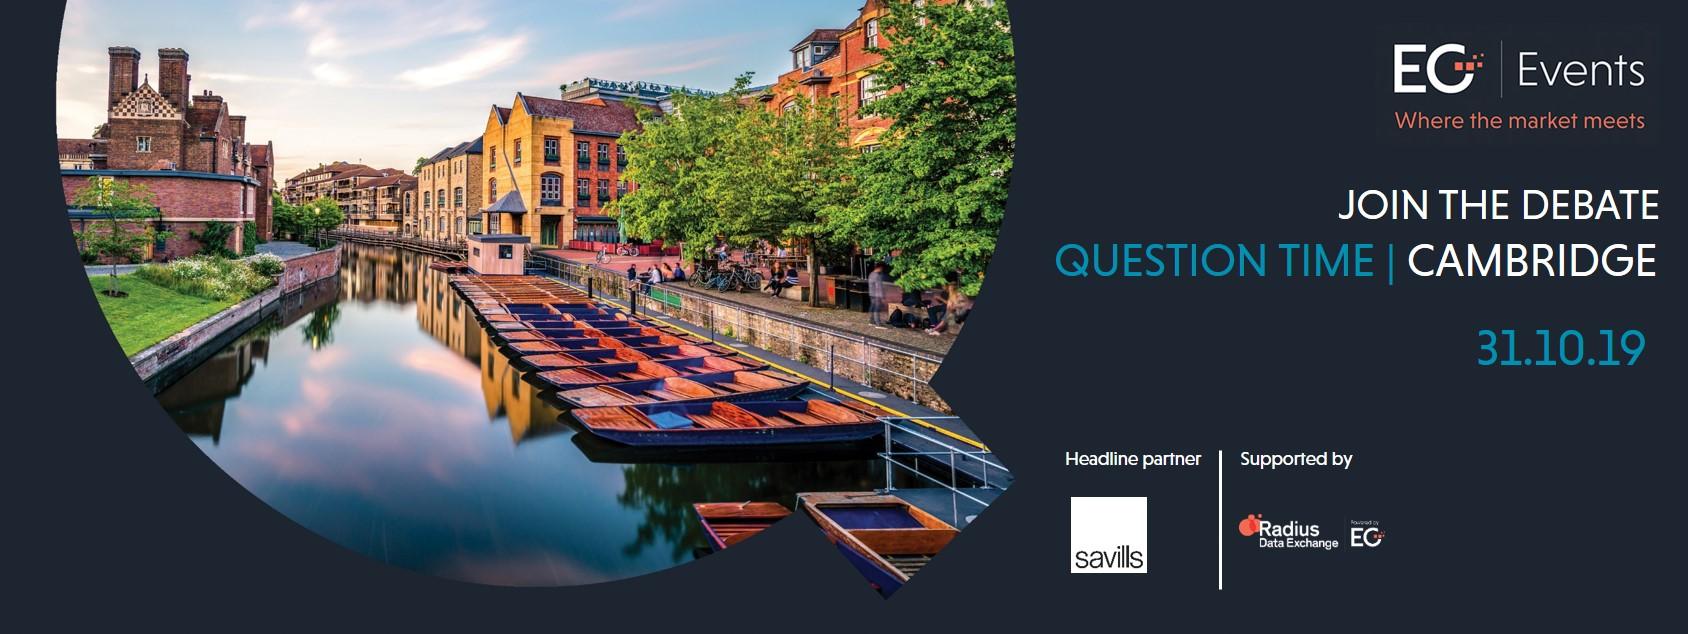 EG Question Time Cambridge| 31.10.19